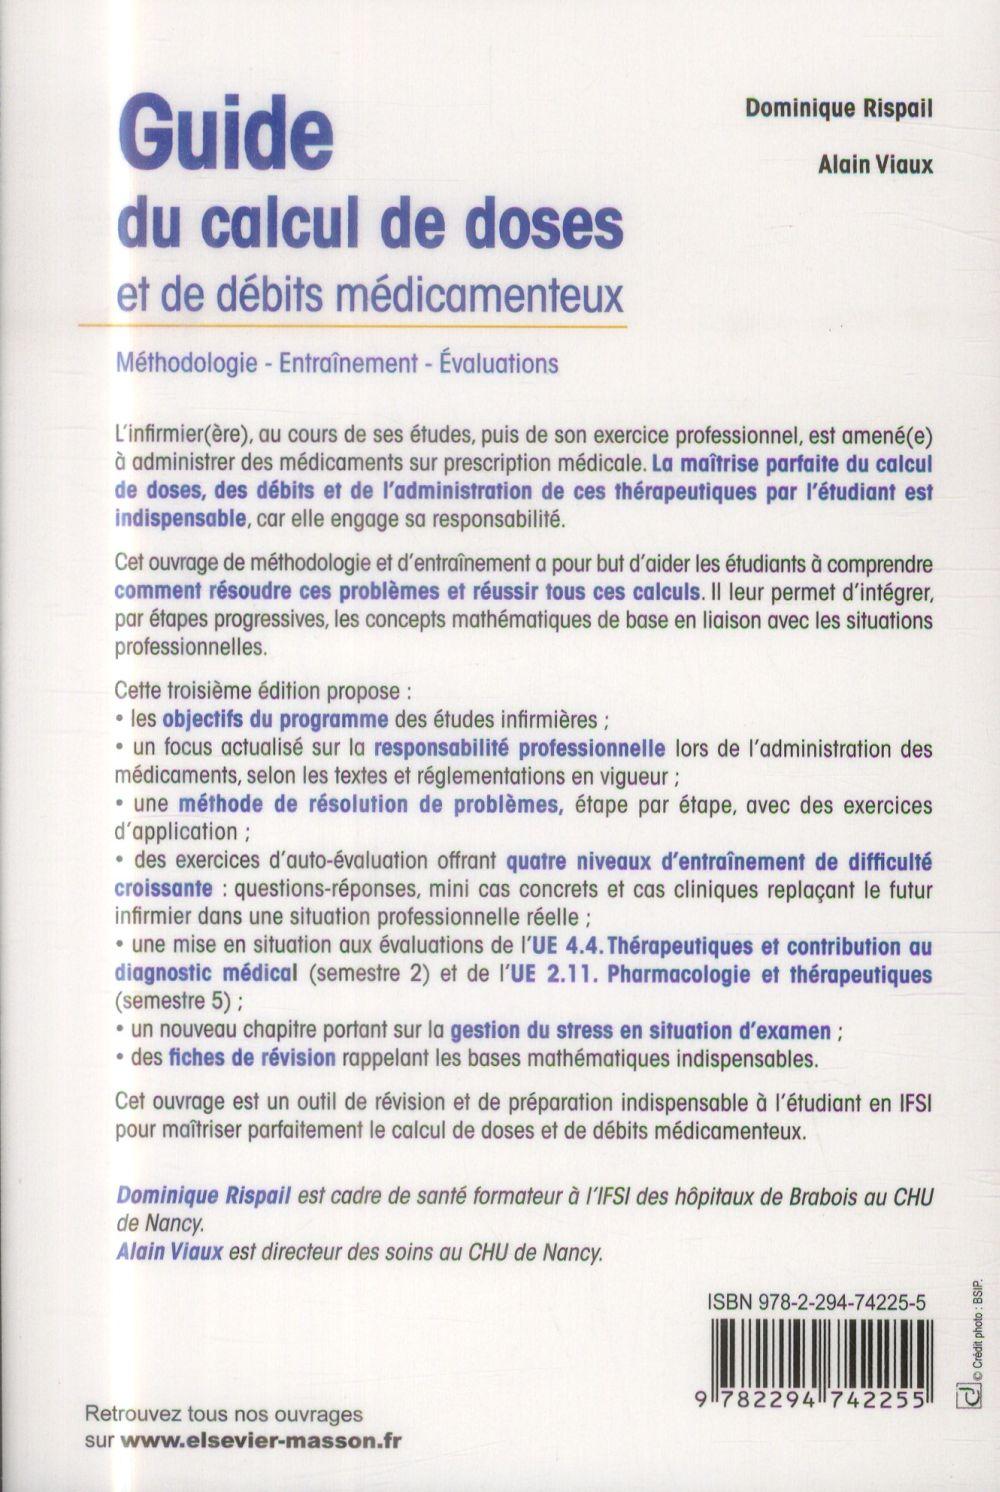 Guide Du Calcul De Doses Et De Debits Medicamenteux 3e Edition Dominique Rispail Alain Viaut Elsevier Masson Grand Format Place Des Libraires